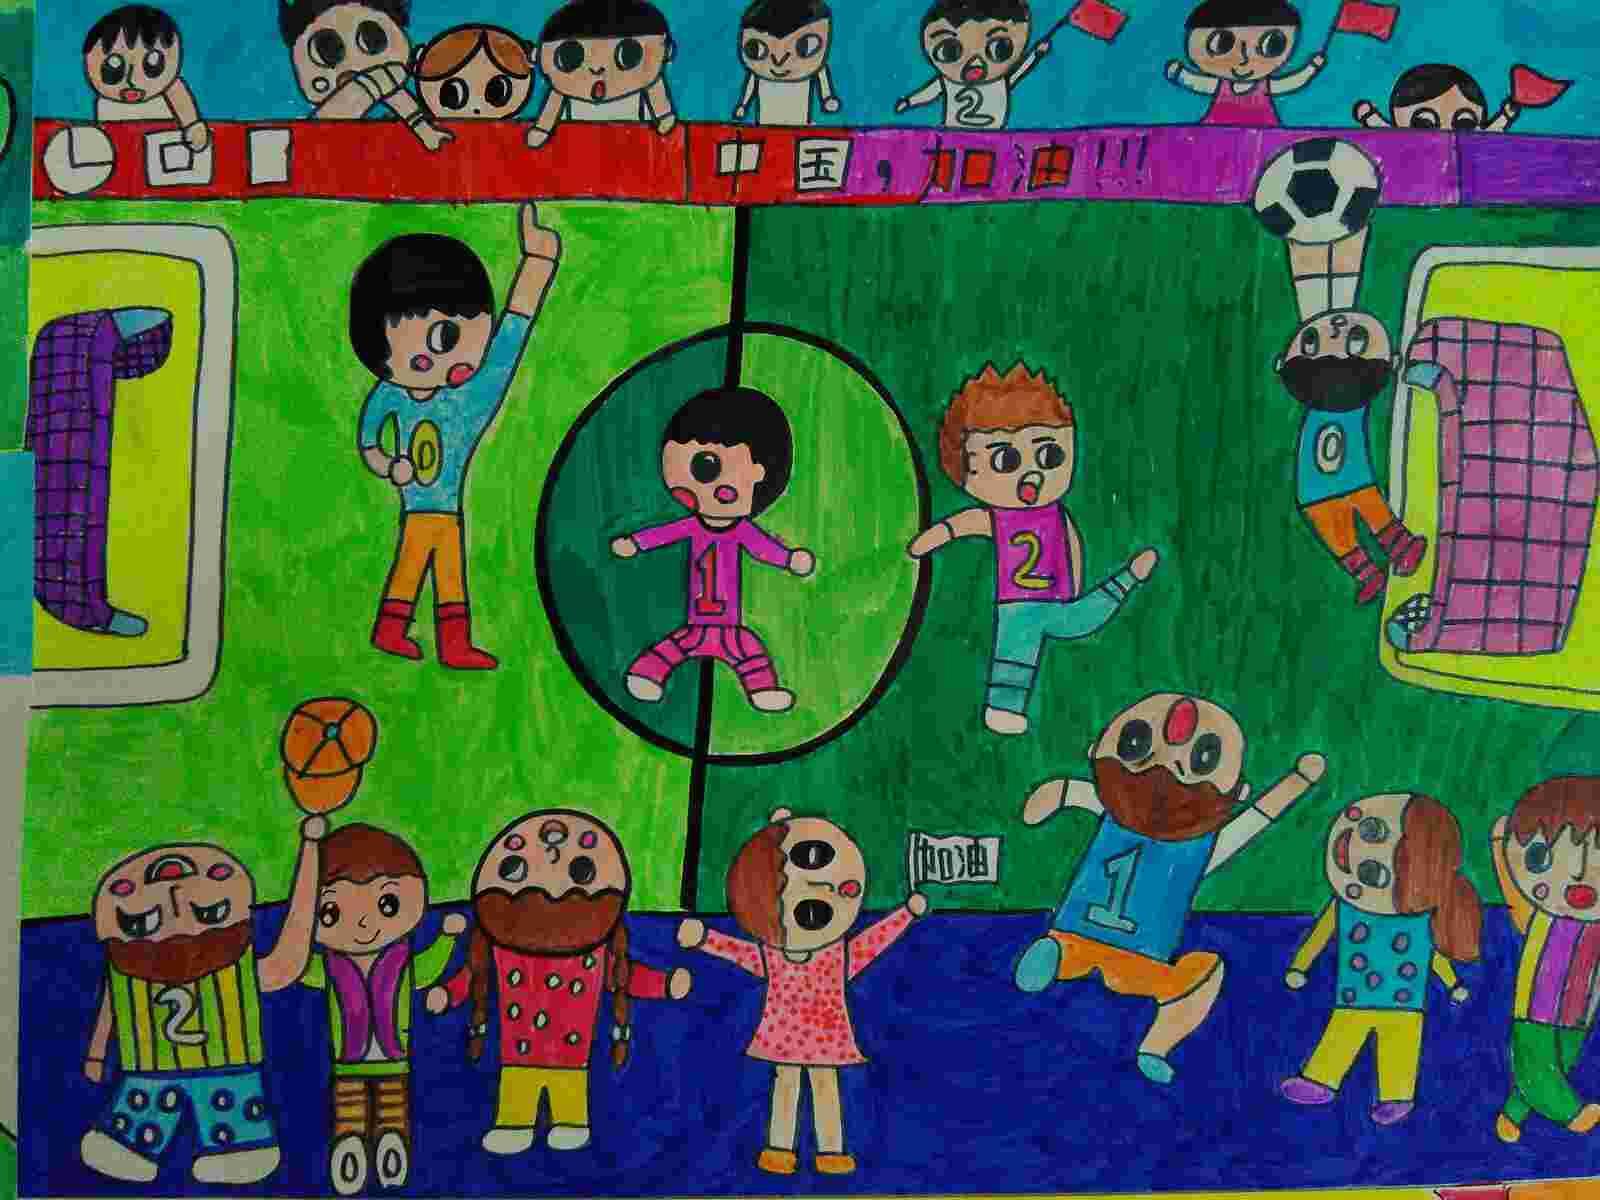 足球进我校儿童画作品图片